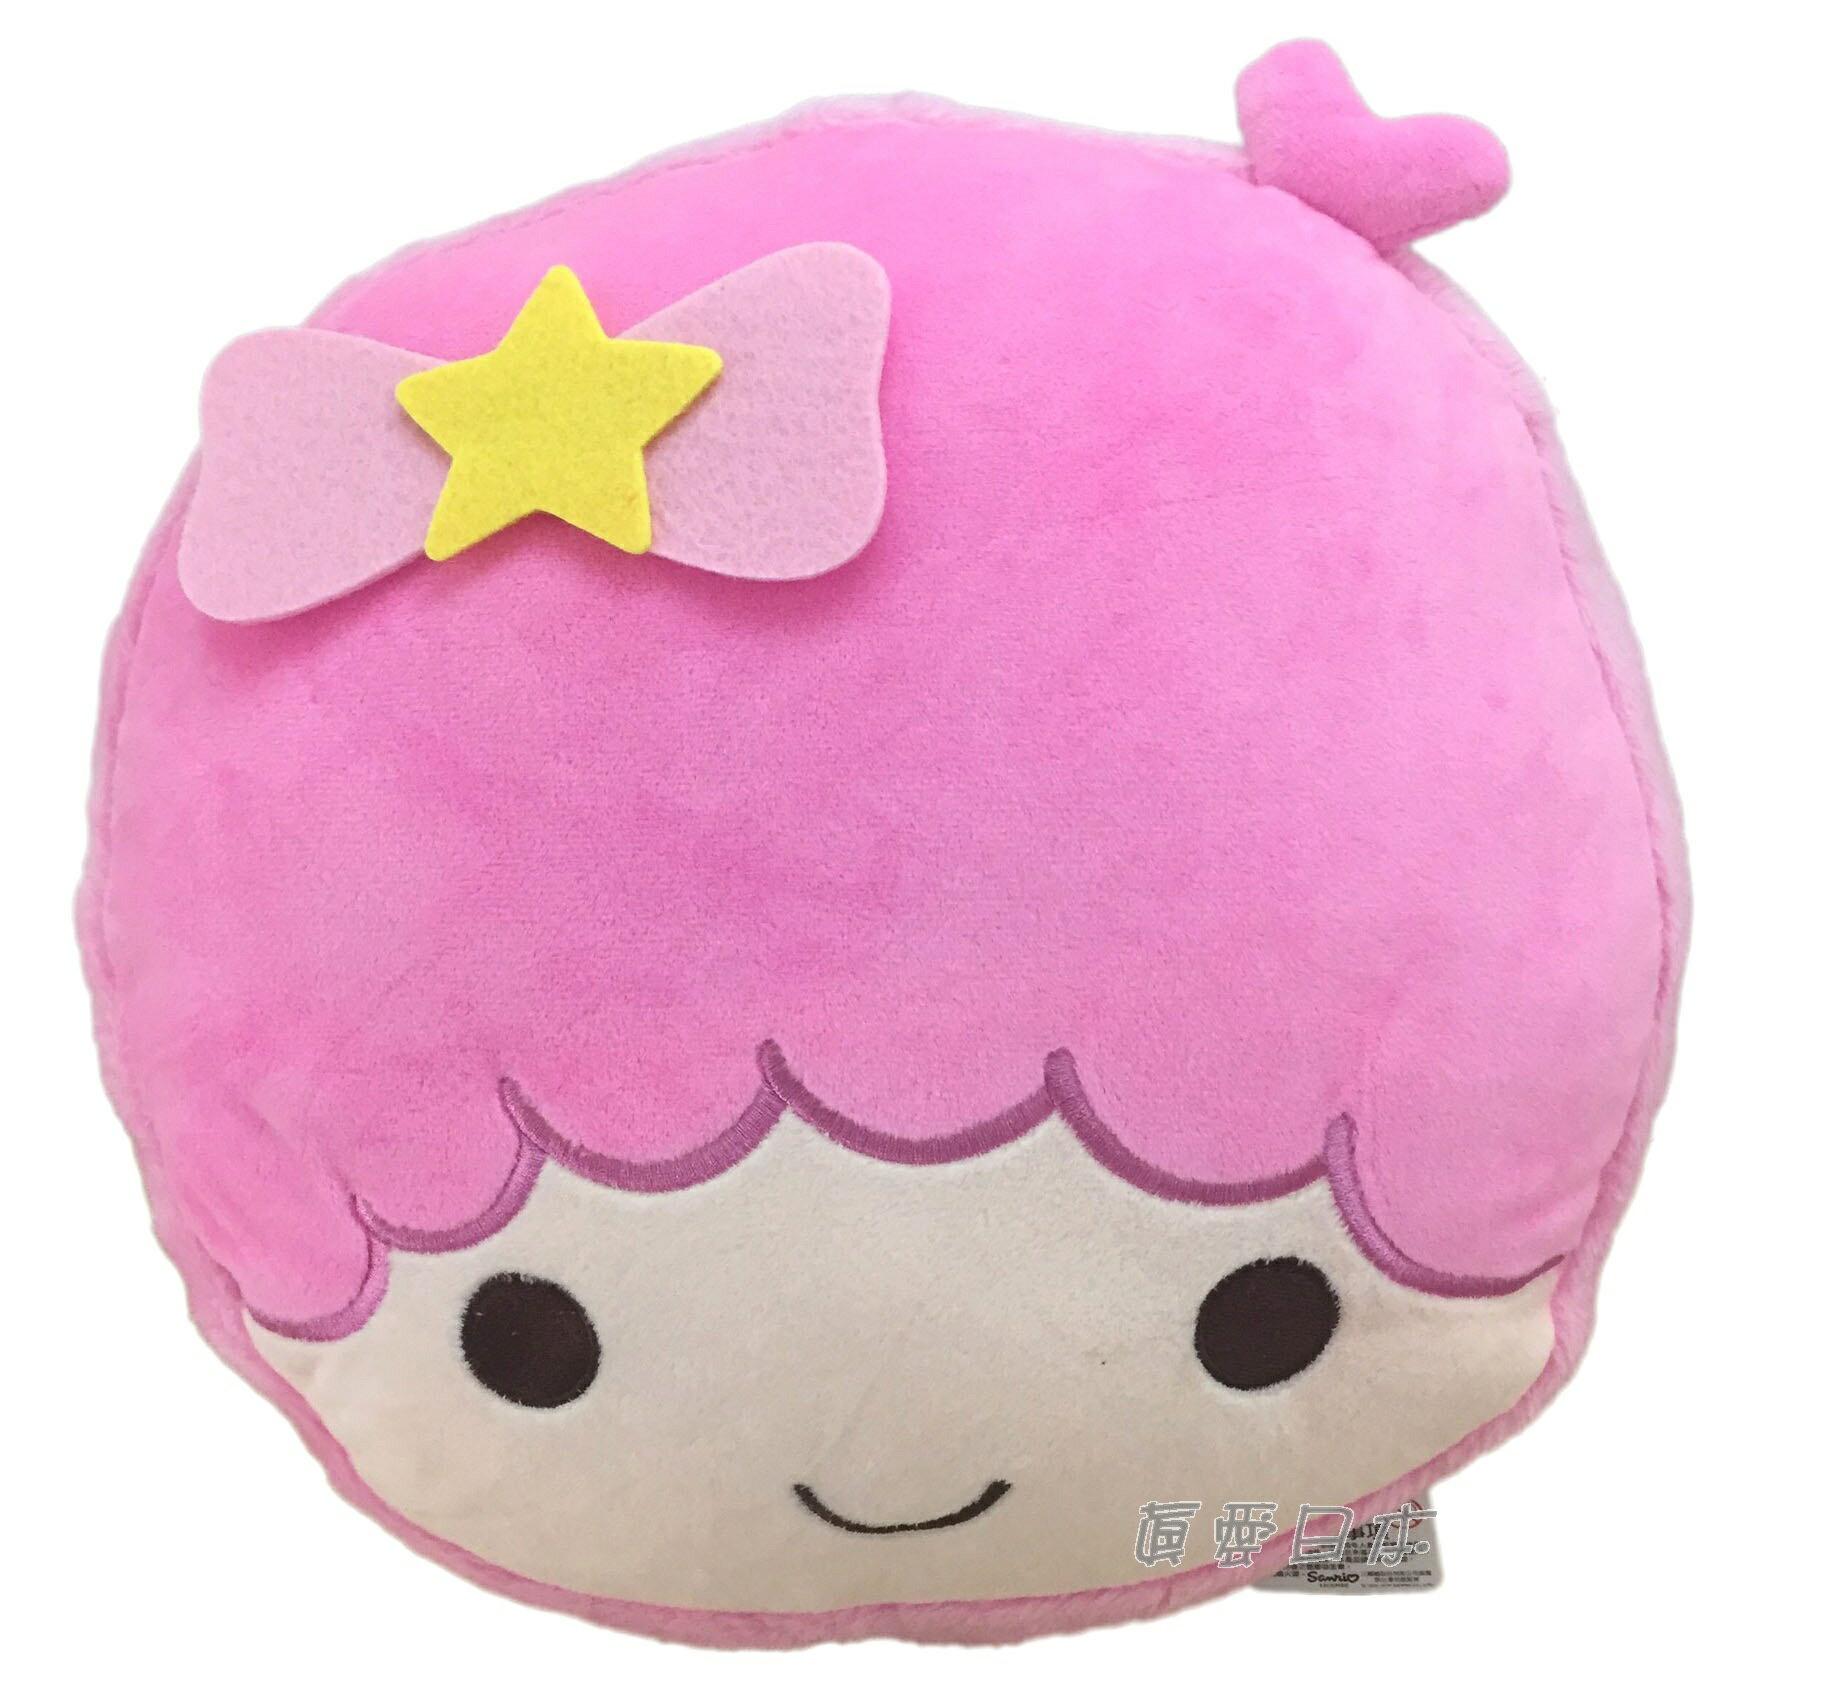 【真愛日本】16070600018 馬卡龍頭型抱枕-LALA   三麗鷗家族 Kikilala 雙子星 娃娃 抱枕  靠枕